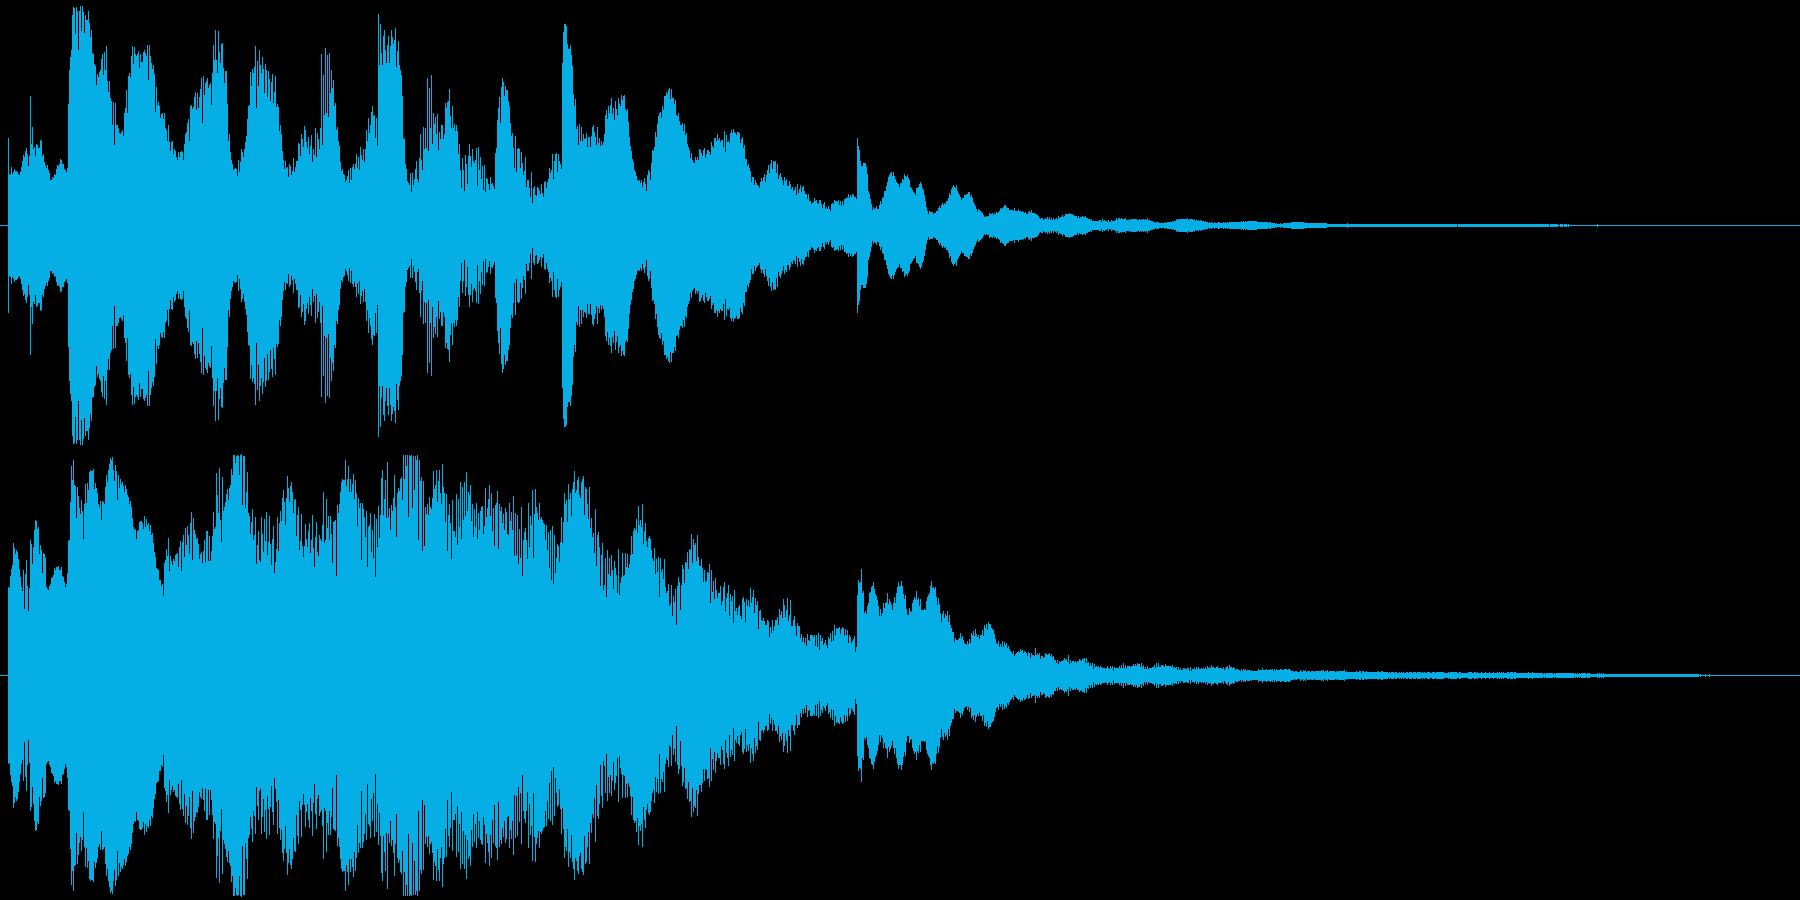 エレピのジングル、おしゃれ系の再生済みの波形